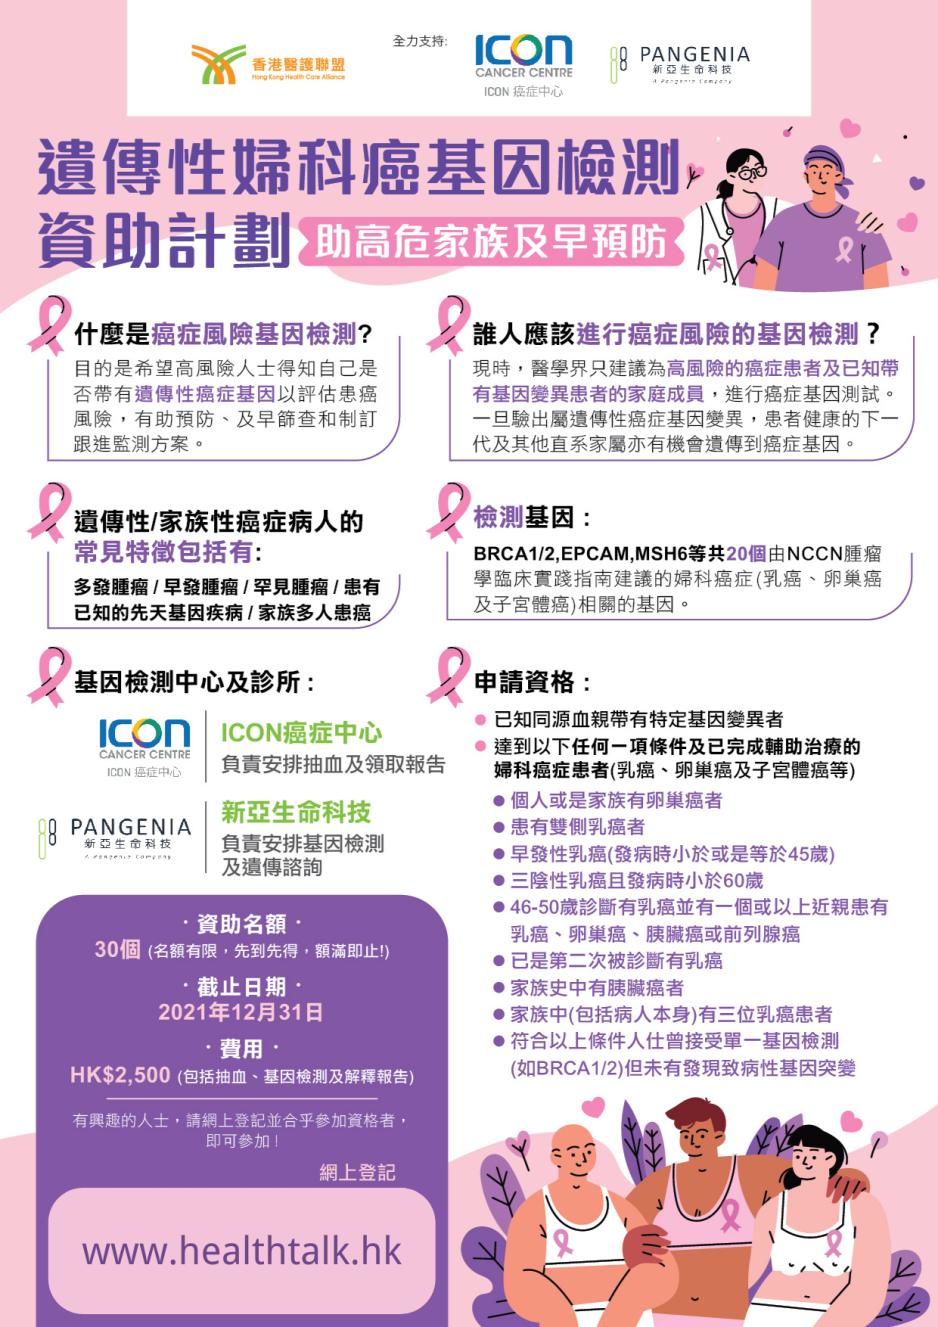 香港医护联盟 X PANGENIA 新亚生命 X ICON癌症中心合办「妇科癌基因检测资助计划」